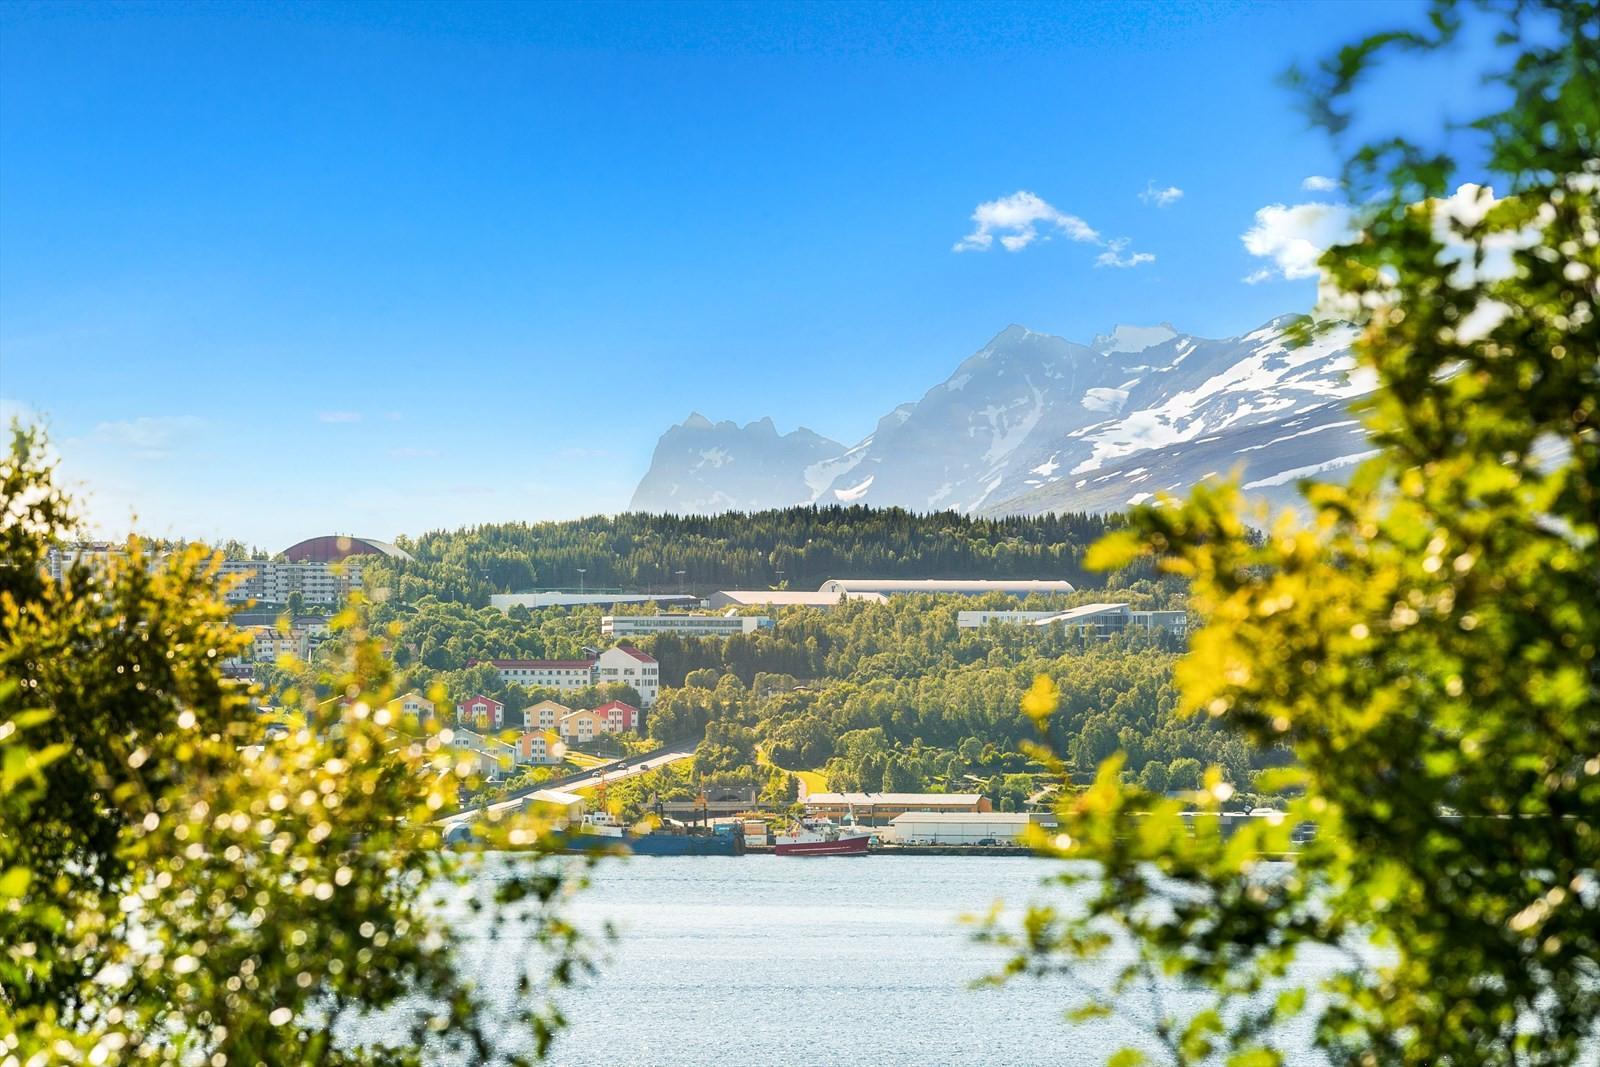 Nydelig utsikt til Tromsøya og Kvaløyfjellene i bakgrunnen.